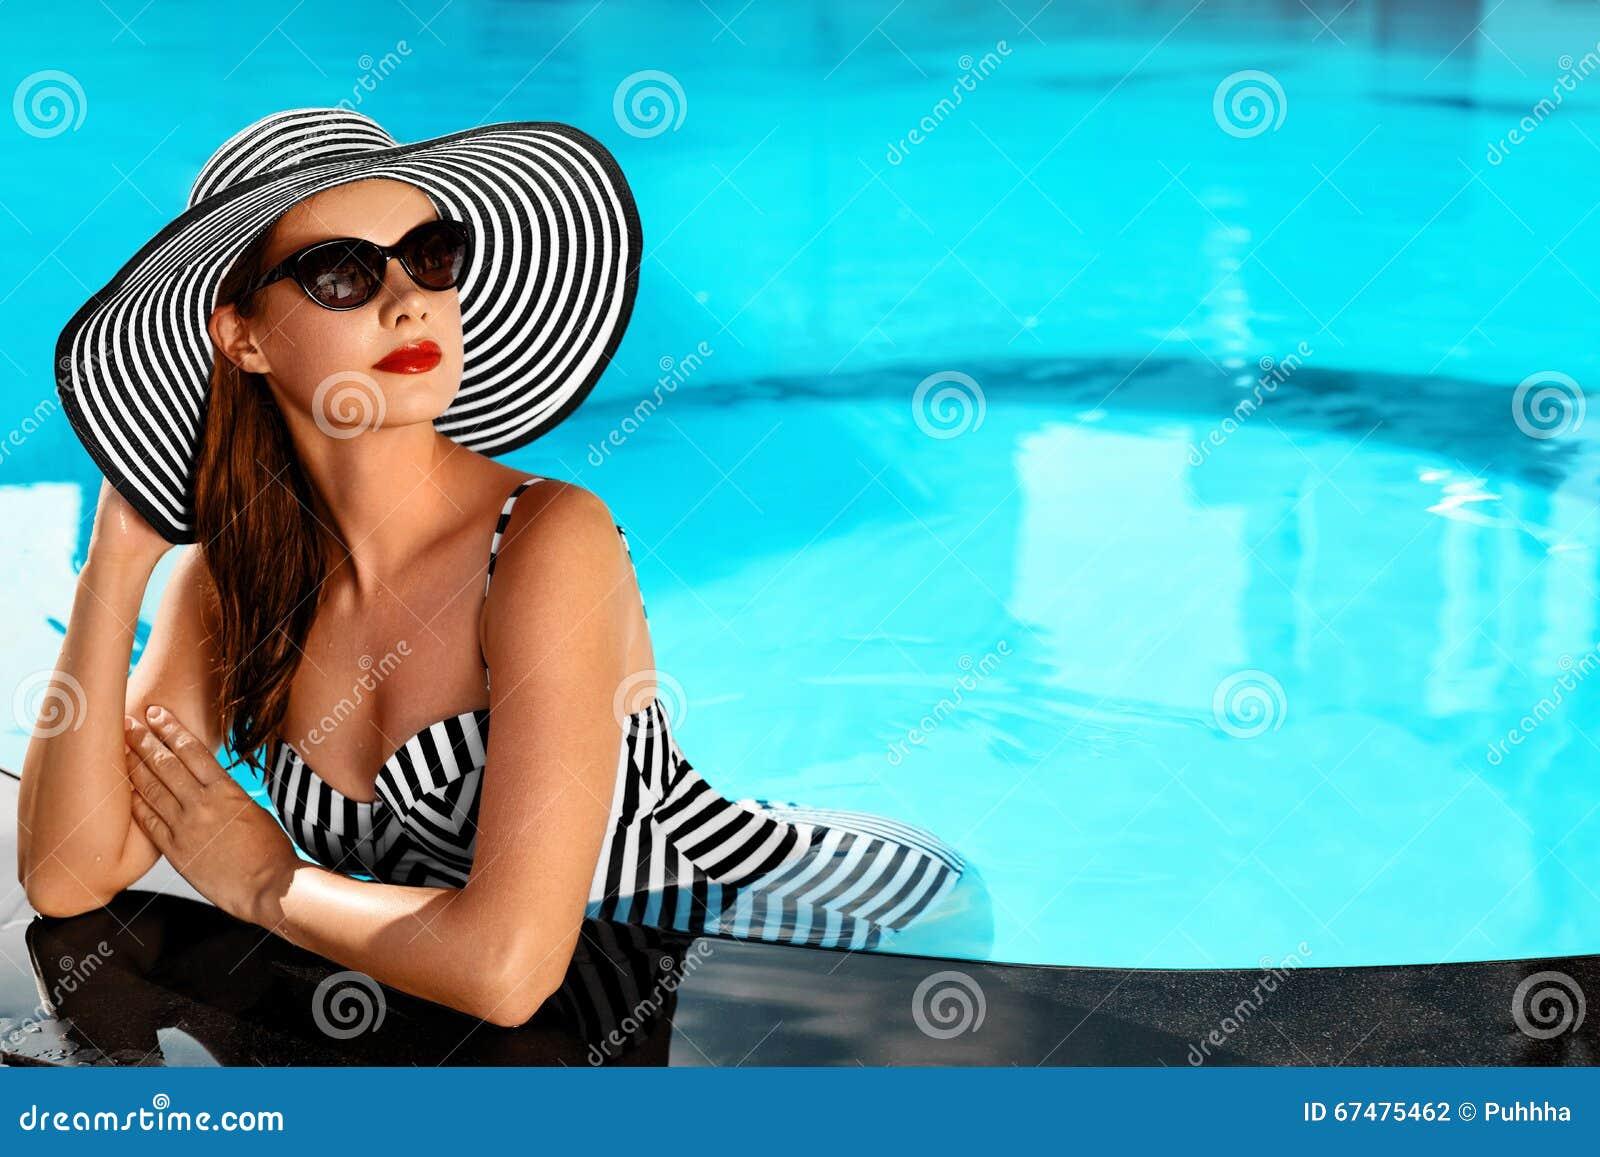 Sommer-Frauen-Schönheit, Mode Gesunde Frau im Swimmingpool Re